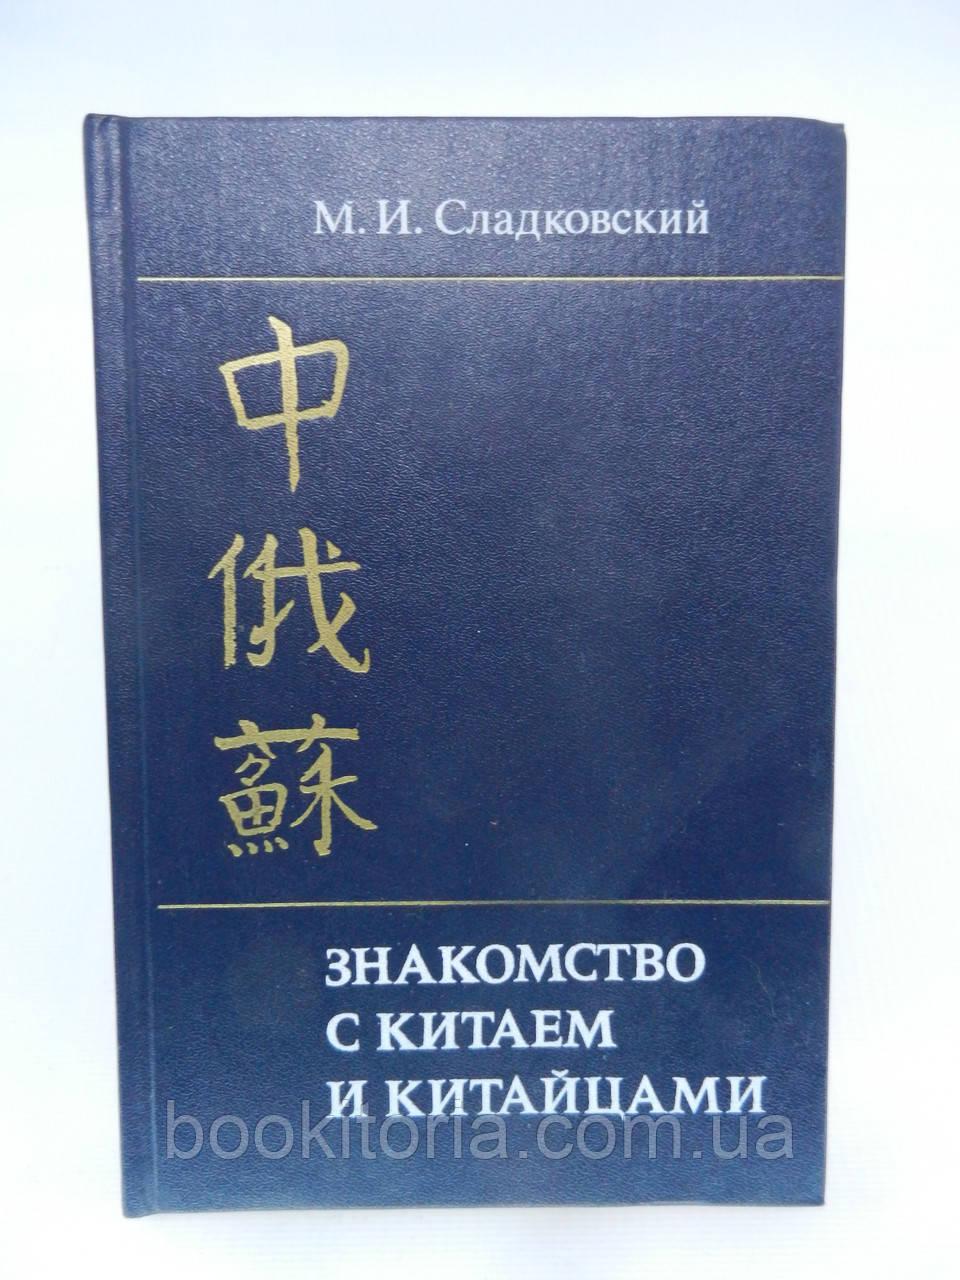 Сладковский М.И. Знакомство с Китаем и китайцами (б/у).